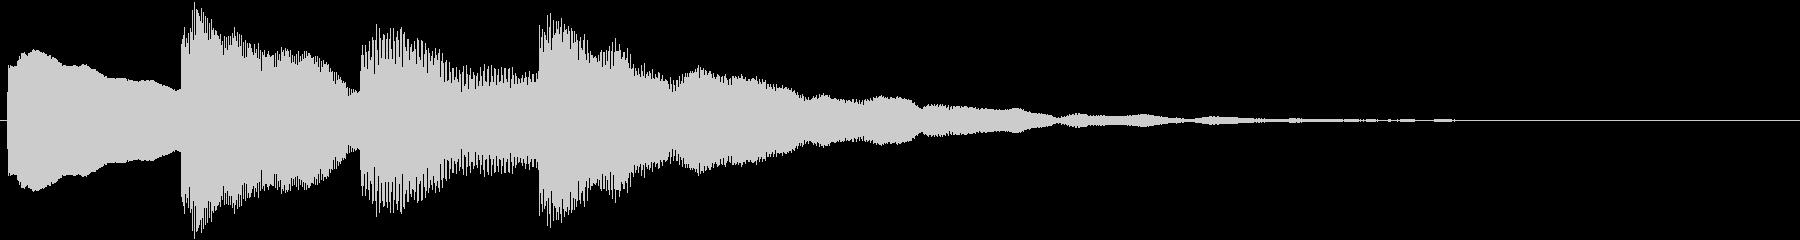 動画テロップ12_不安ベルbの未再生の波形